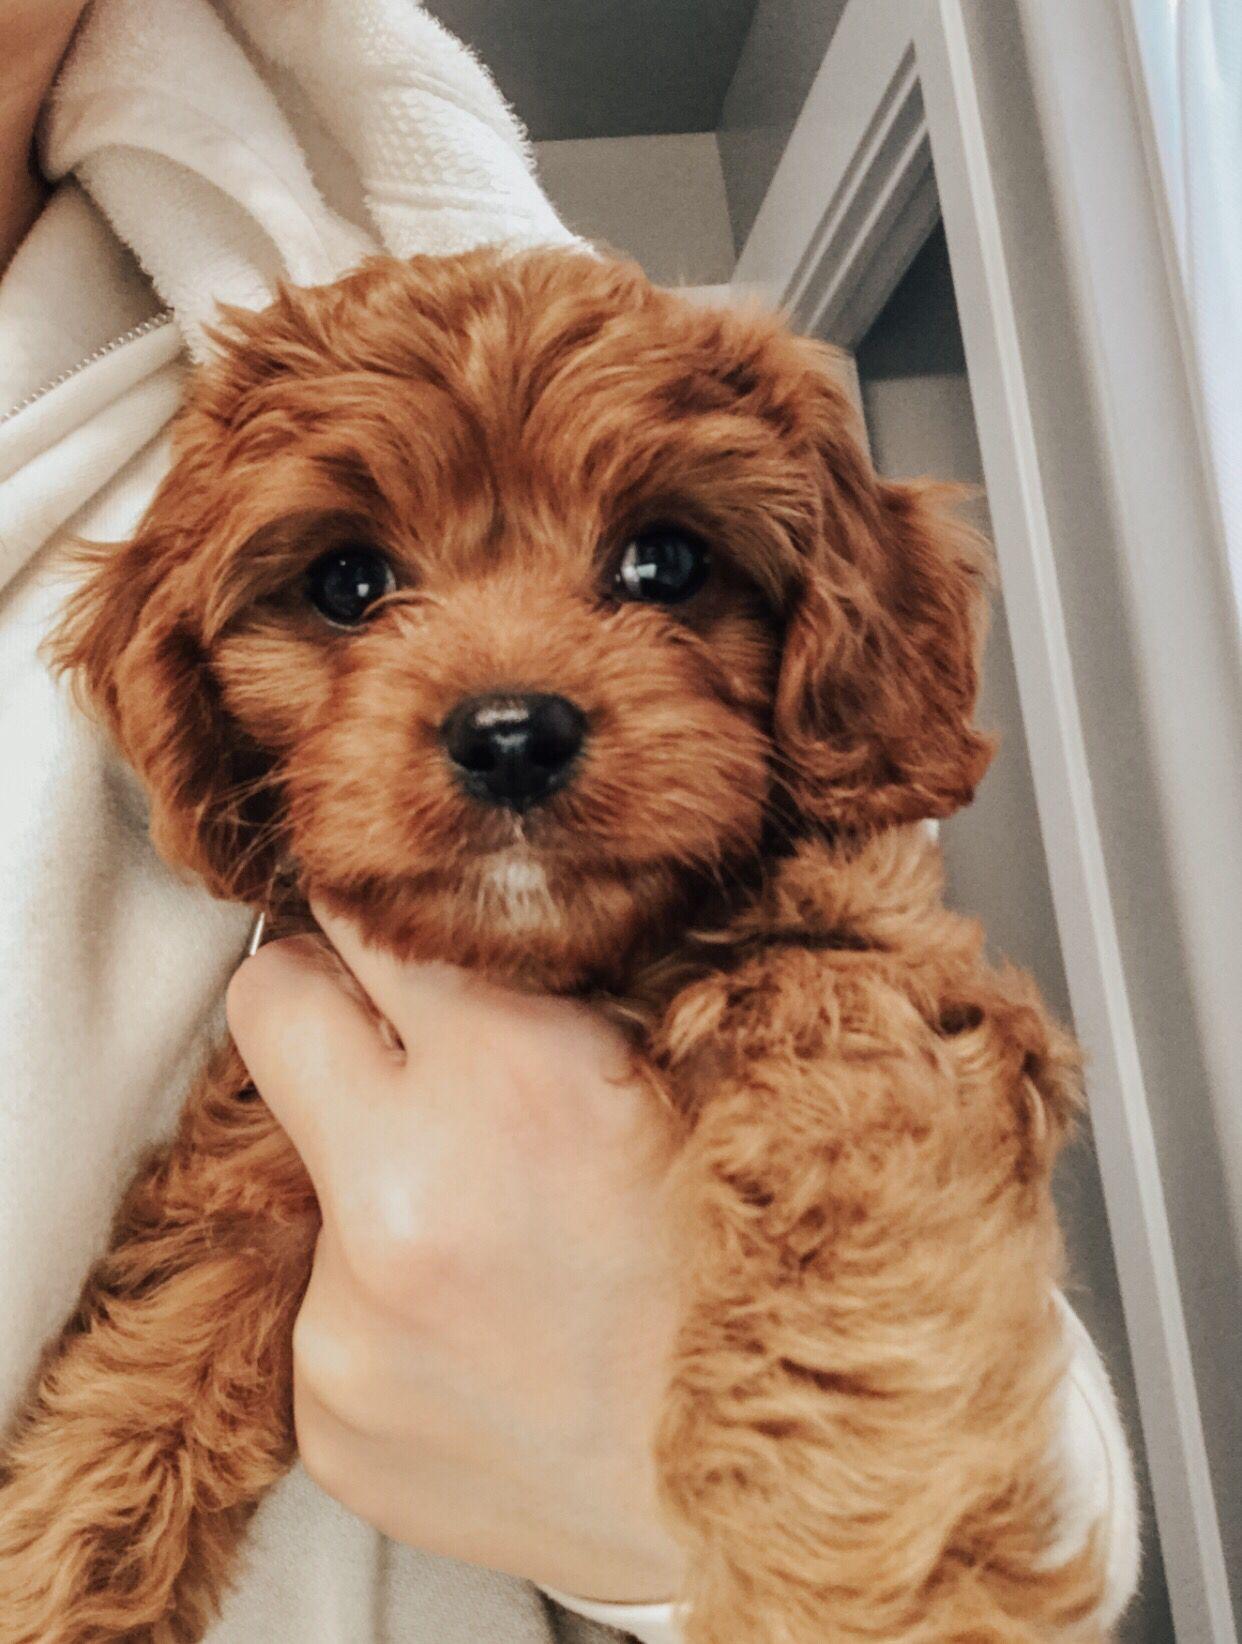 Cavapoo Cavoodle Teddy Bear Puppy King Charles Cavalier Spaniel